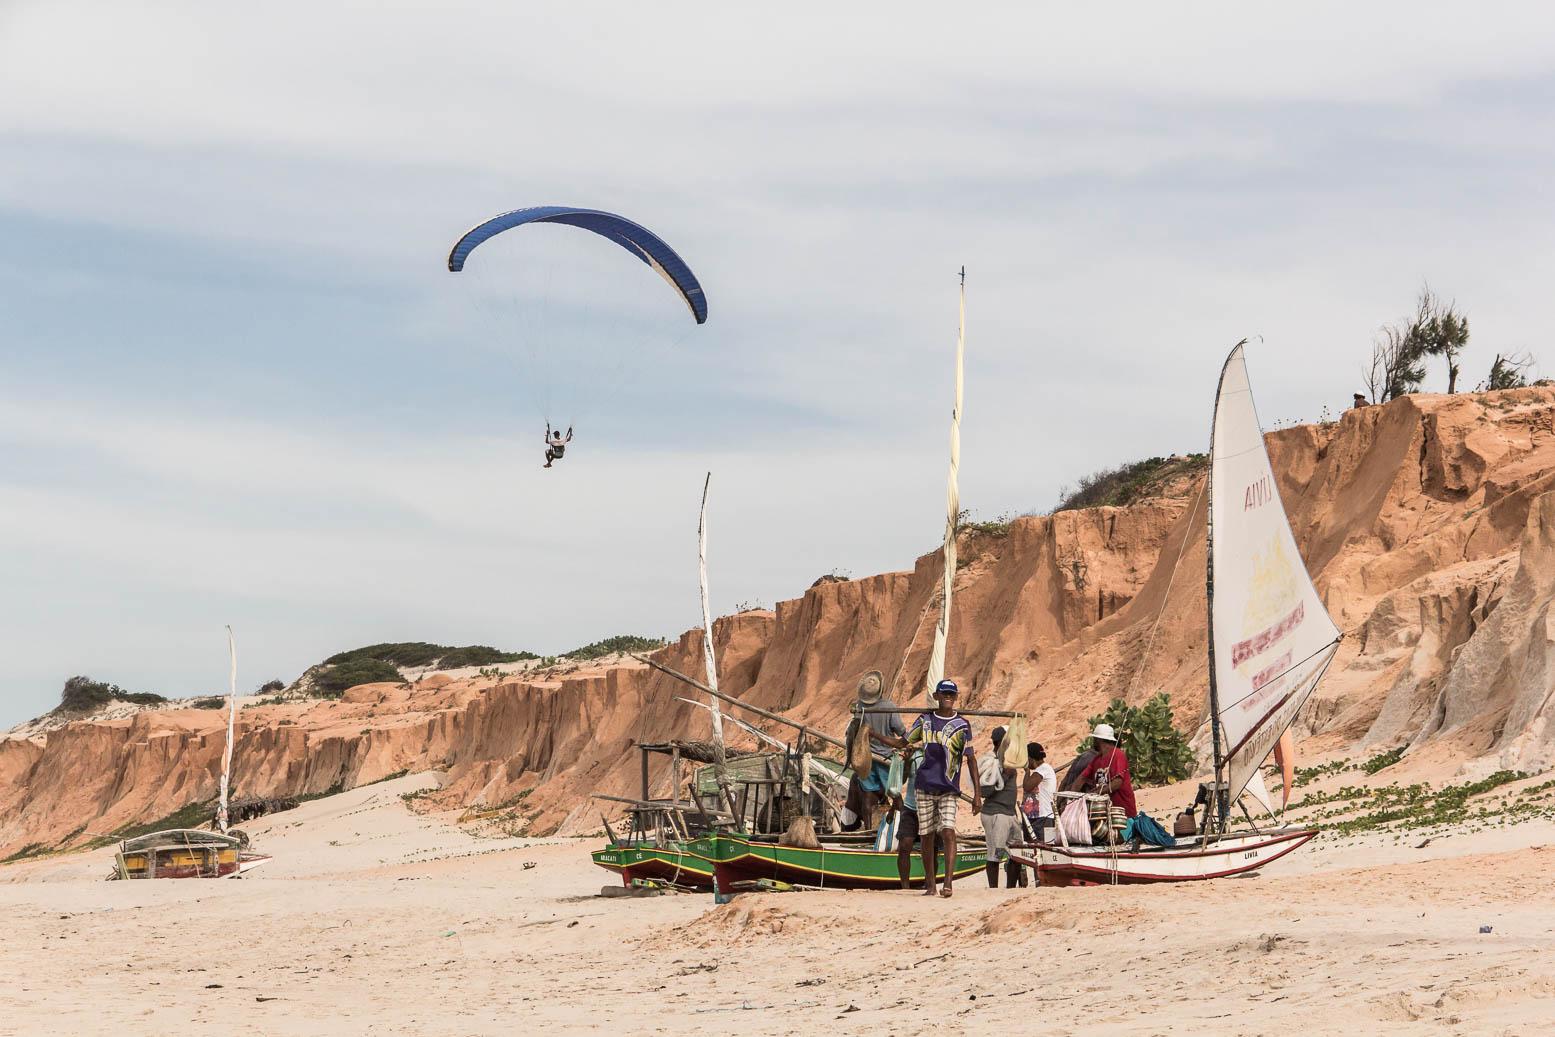 Bateau de pêche et parapente sur la plage de Canoa Quebrada - Route des Sensations